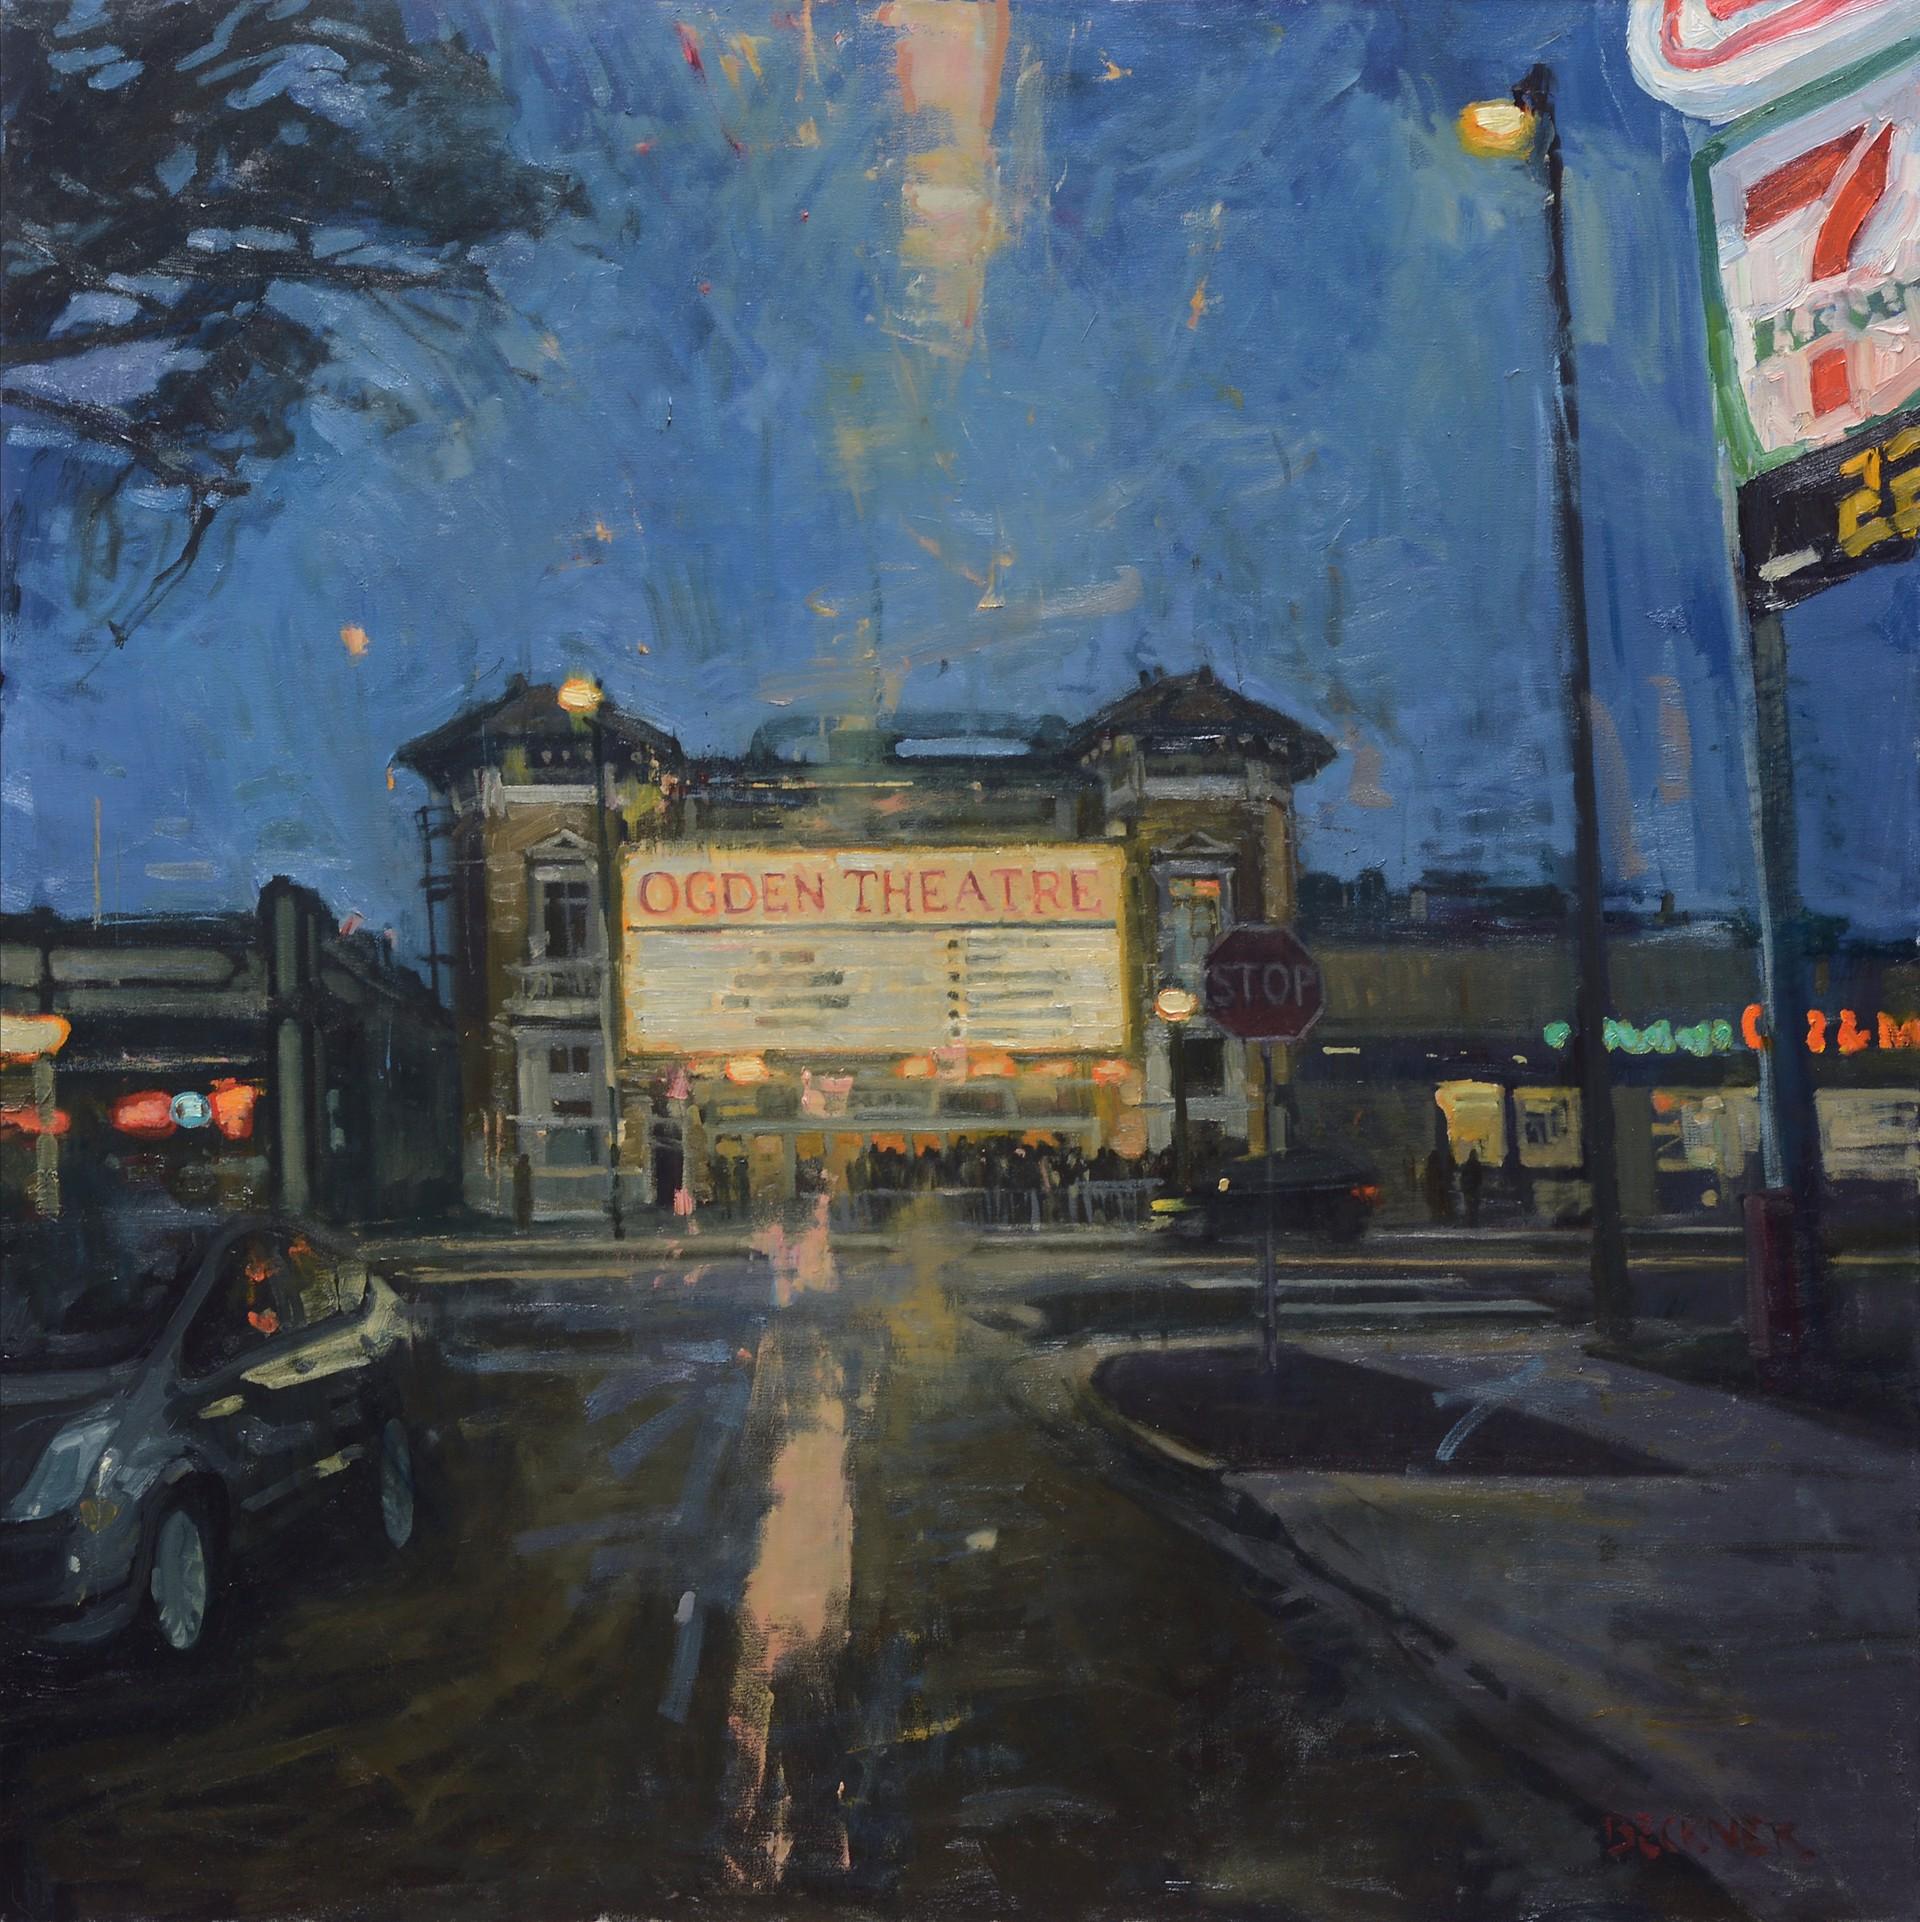 Ogden Theatre by Jim Beckner